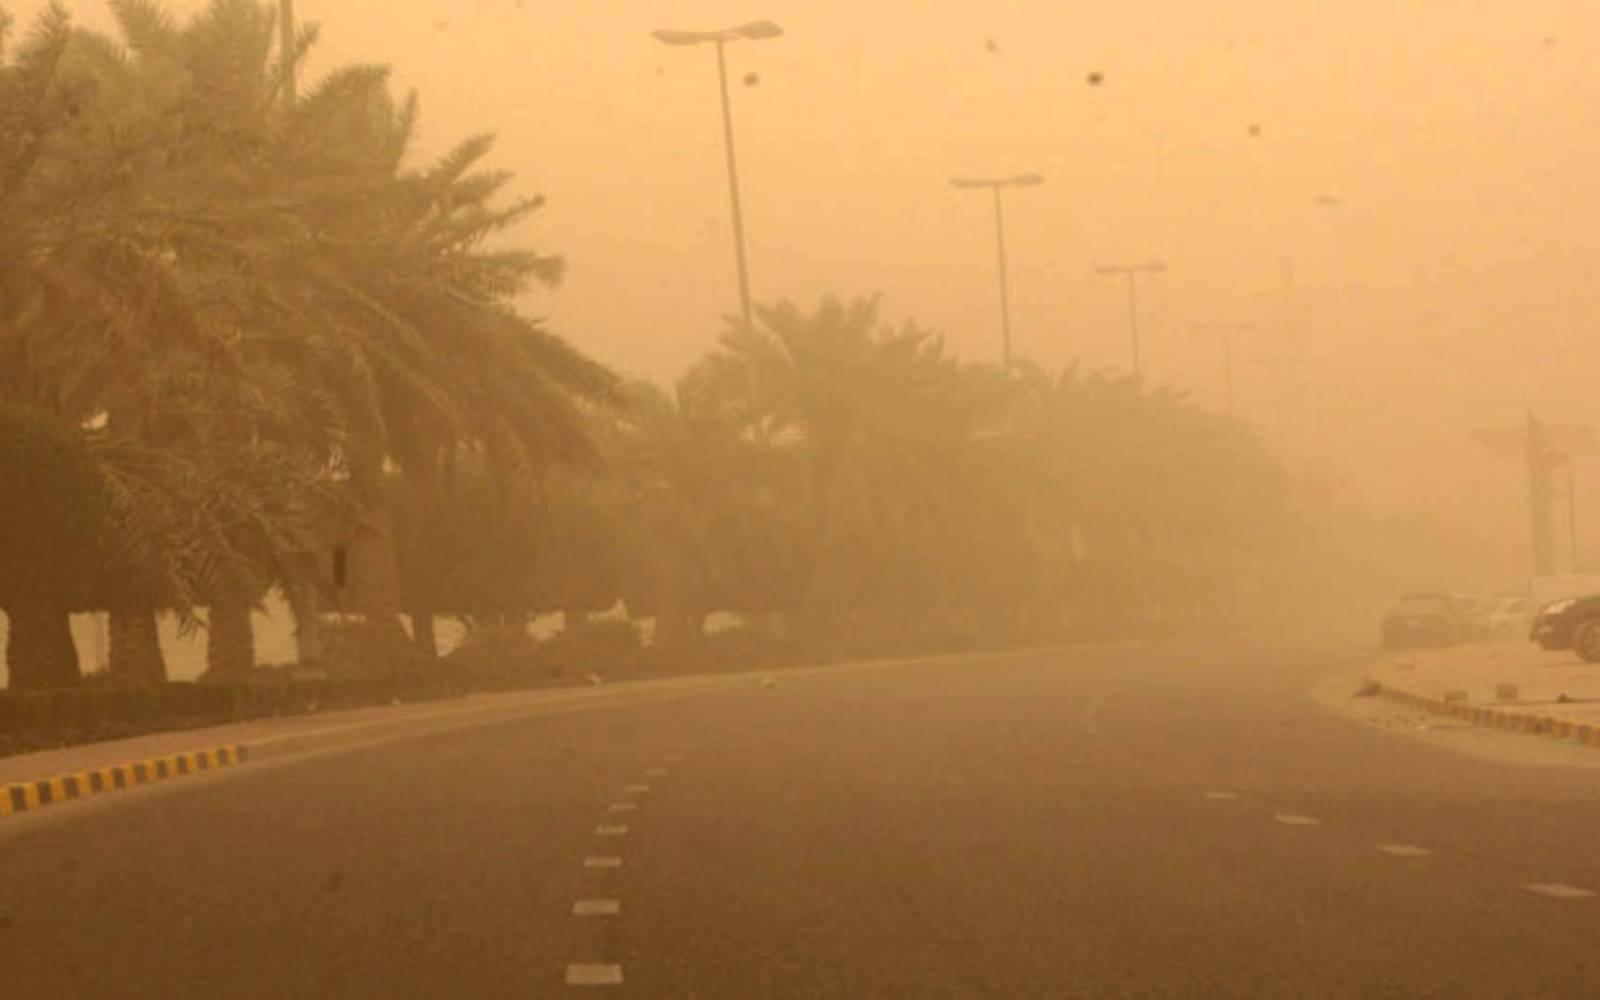 الحكومة تناشد المواطنين عدم الخروج يومي الخميس والجمعة بسبب الطقس